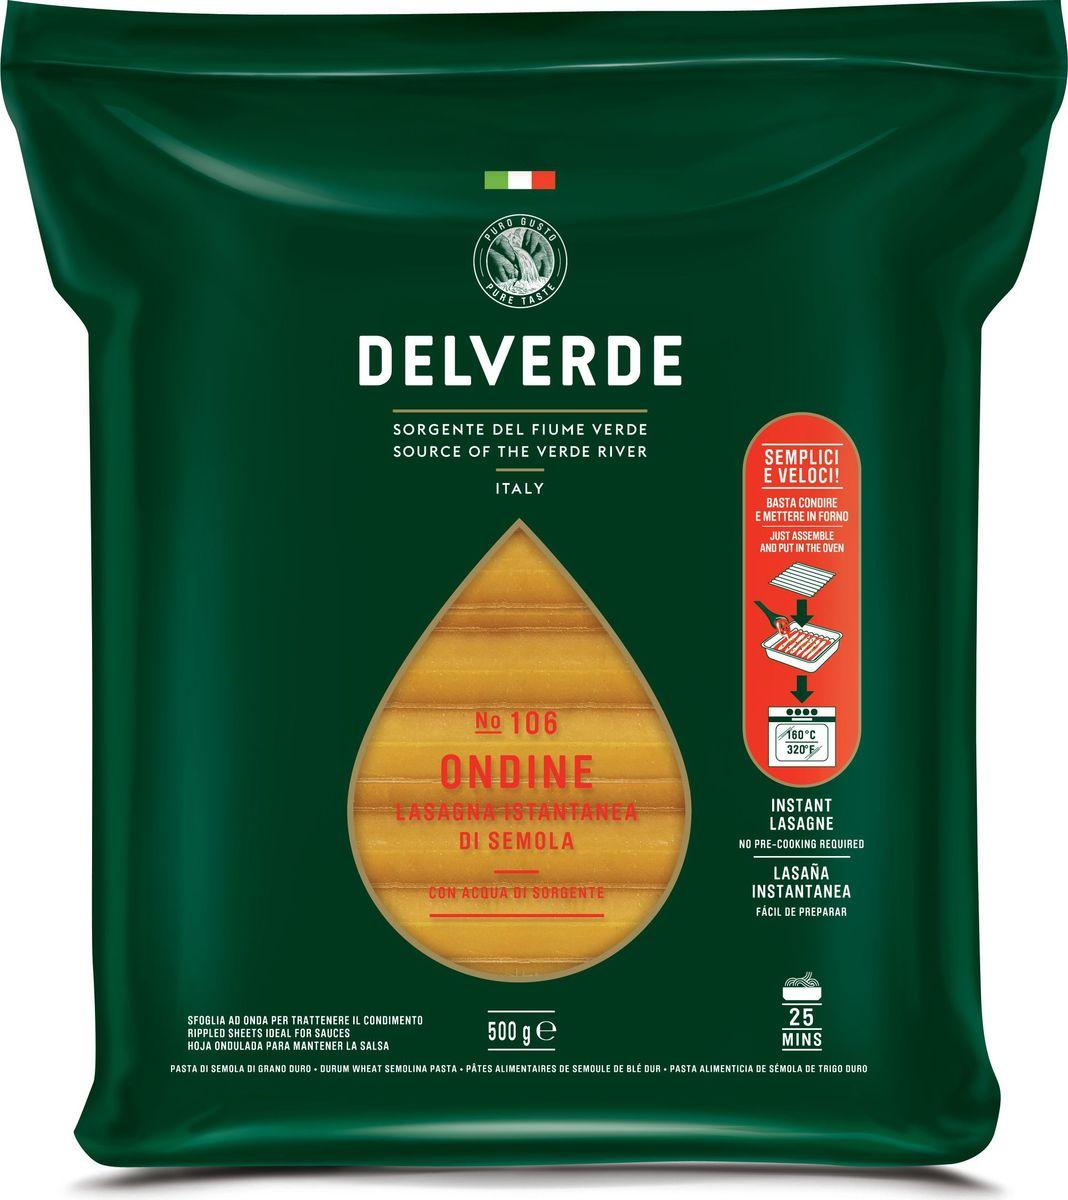 Delverde № 106 паста Ондине, 500 г0120710Лазанья отлично сочетается с рагу по-неаполитански с сыром рикотта или с соусом из дичи.Рекомендуемый способ приготовления - запекание в духовке, с различным составом начинки и соусом Бешамель. Этот способ настолько признан по всей Италии, что принял название формы этой пасты. Способ приготовления: Продукт предварительно отварен, готов для приготовления лазаньи. Перед запеканием поместить в горячую воду на несколько минут. После чего поместите первый лист в форму и нанесите желаемую начинку. Вторую пластину положите перпендикулярно первой, так чтобы волны пересеклись под углом 90 градусов. Продолжайте накладывать друг на друга пластины почти до полного заполнения формы. В конце добавьте немного бульона или воды из-под пасты, чтобы добавить блюду влажности в процессе приготовления. Закройте форму фольгой и выпекайте в духовке в течение 25 минут при температуре 160°C. За 10 минут до окончания выпекания удалите слой фольги, чтобы верхний слой стал золотистым.